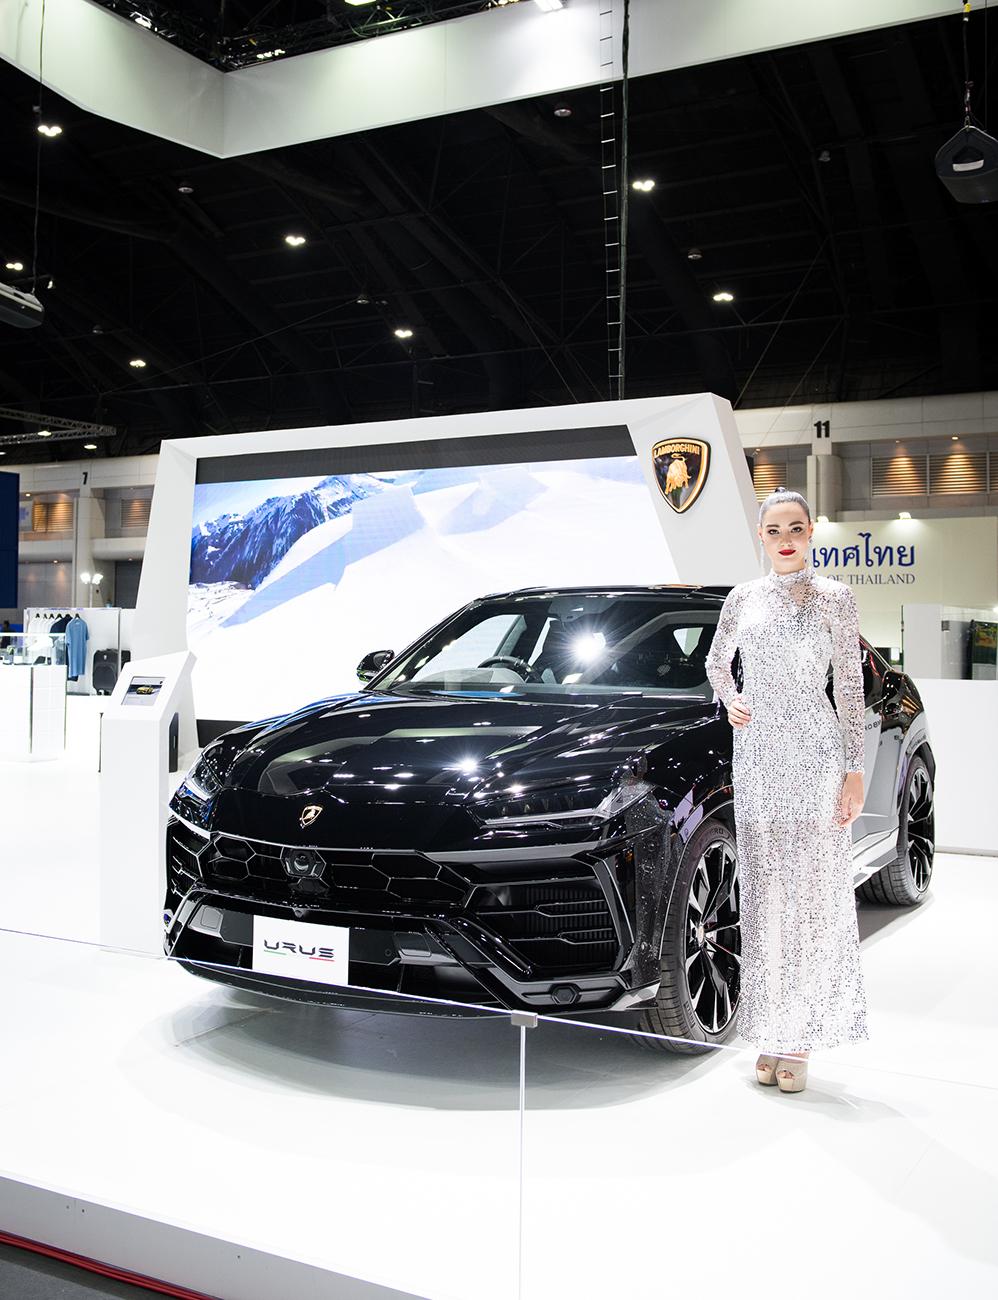 ลัมโบร์กินี อูรุส และ ฮูราแคน อีโว สไปเดอร์ ในงาน Motor Expo 2019